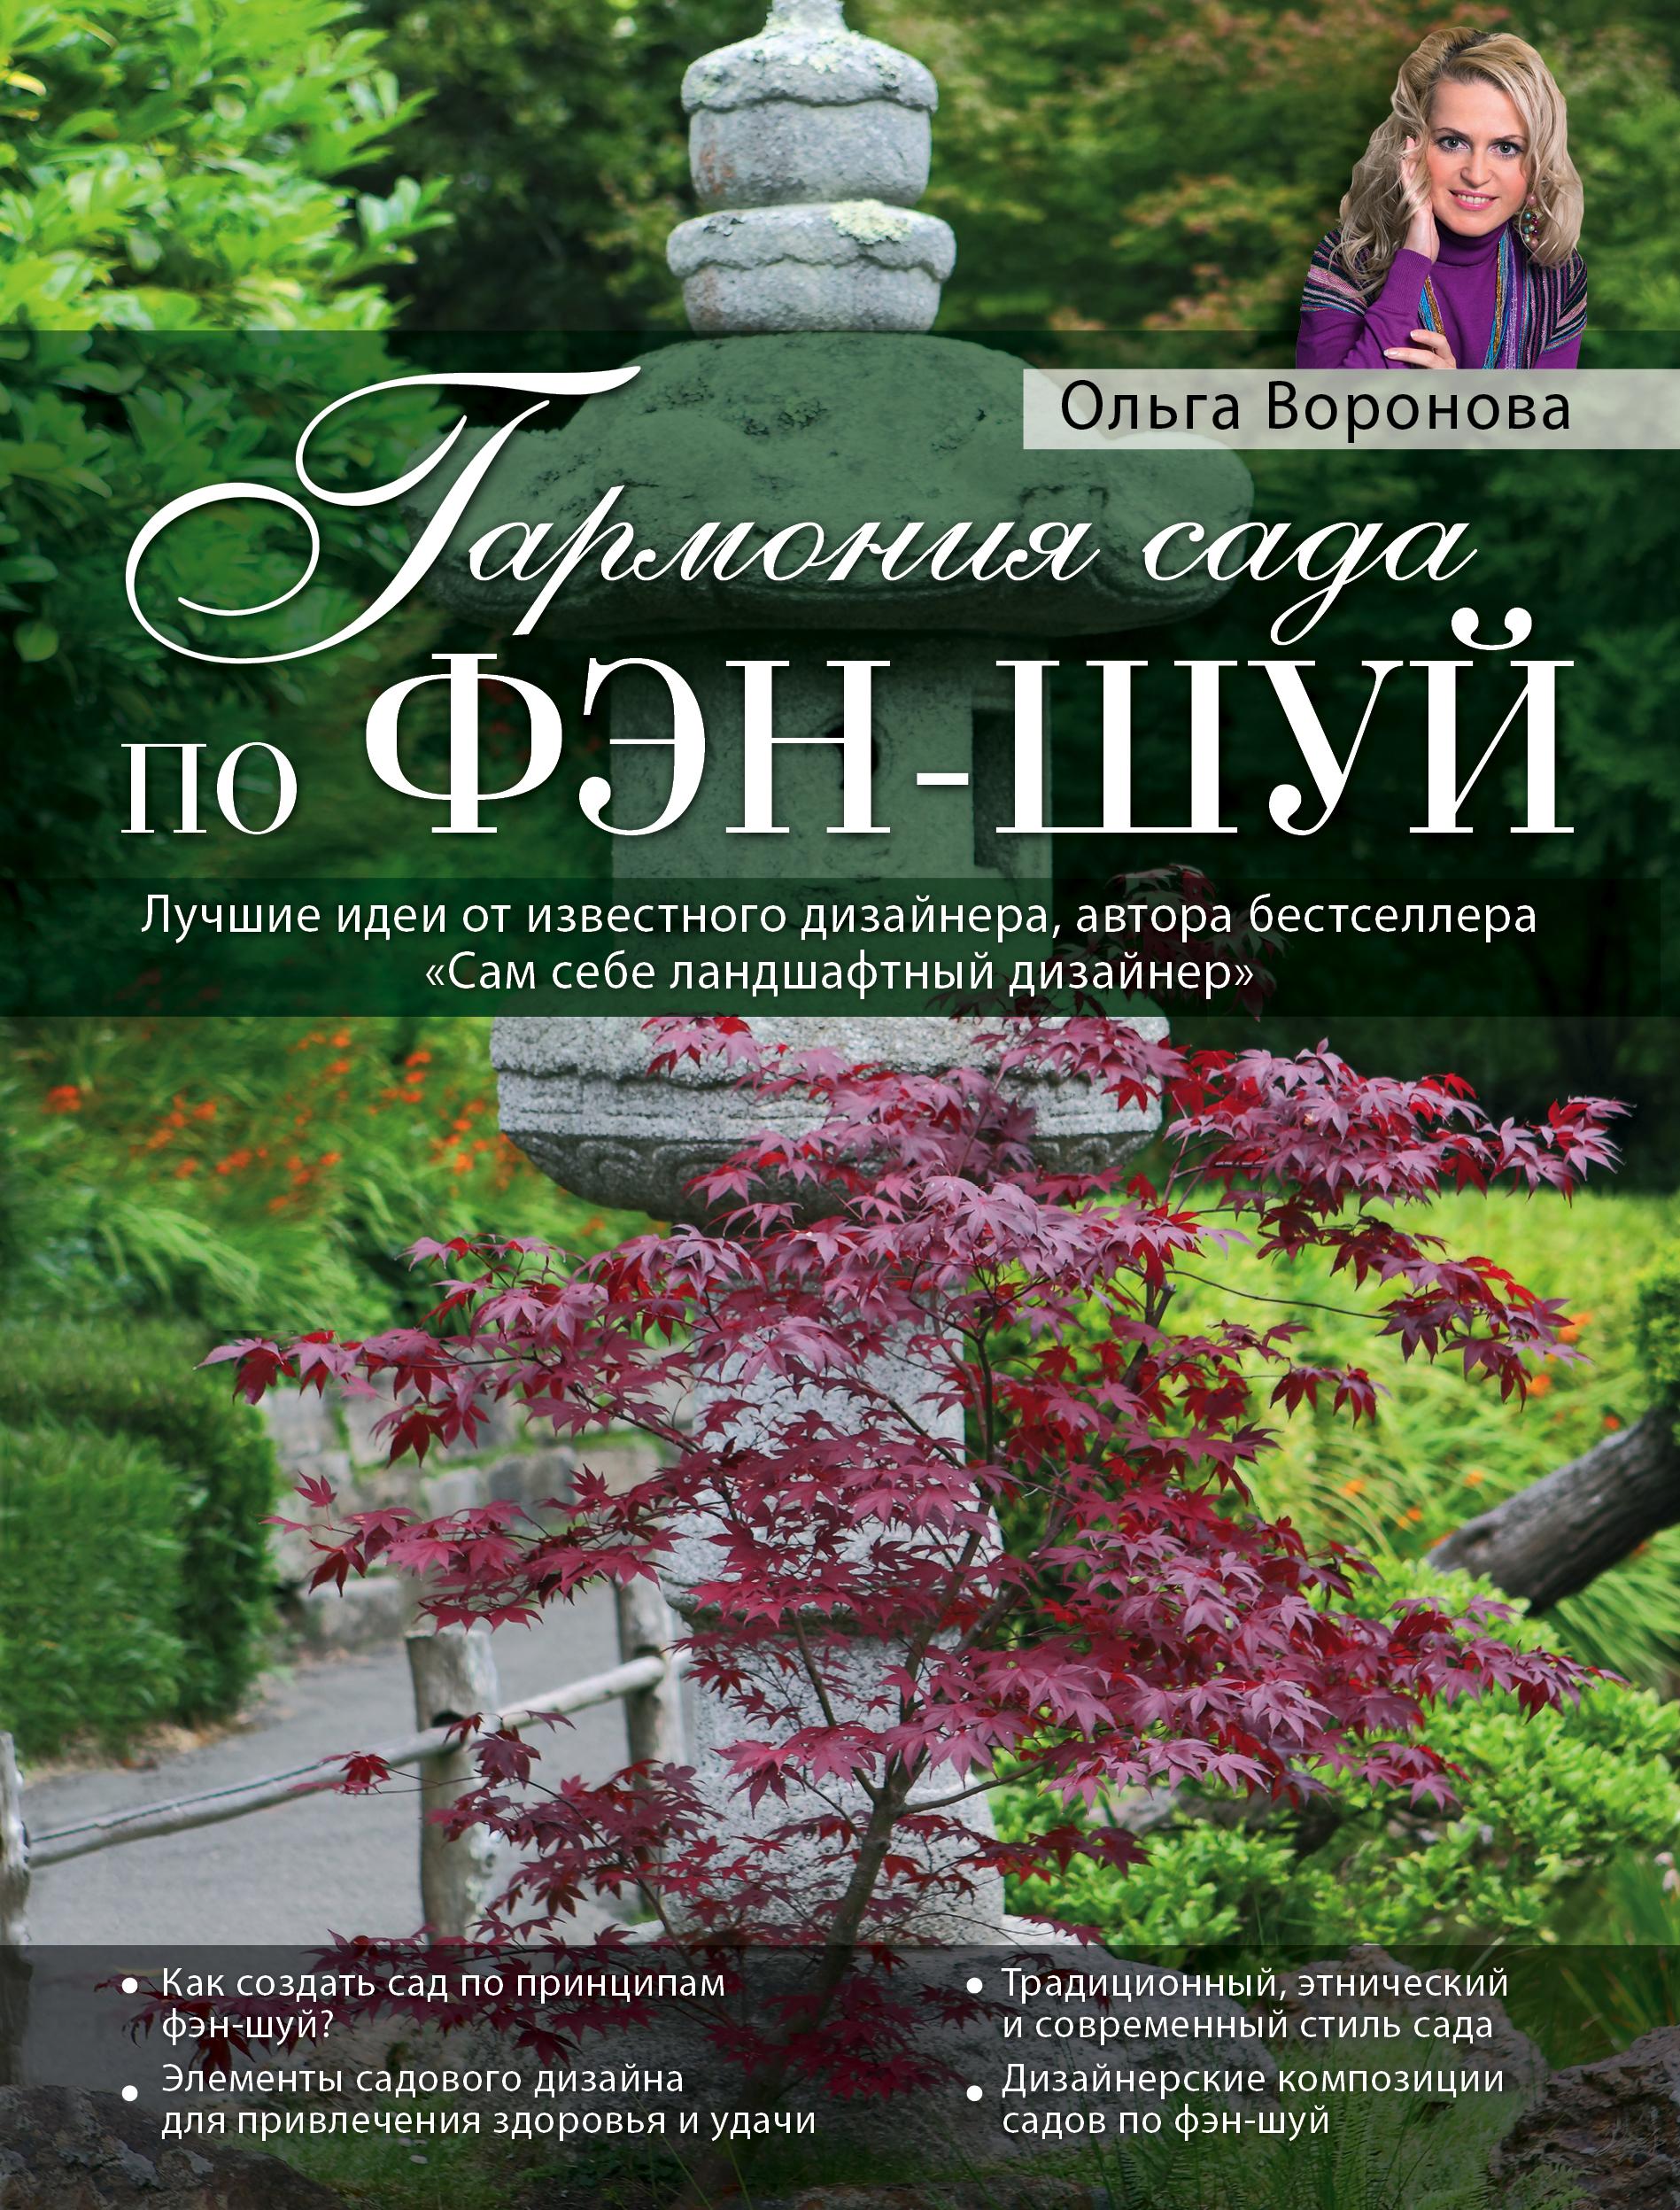 Ольга Воронова Гармония сада по фэн-шуй (Роскошный сад)